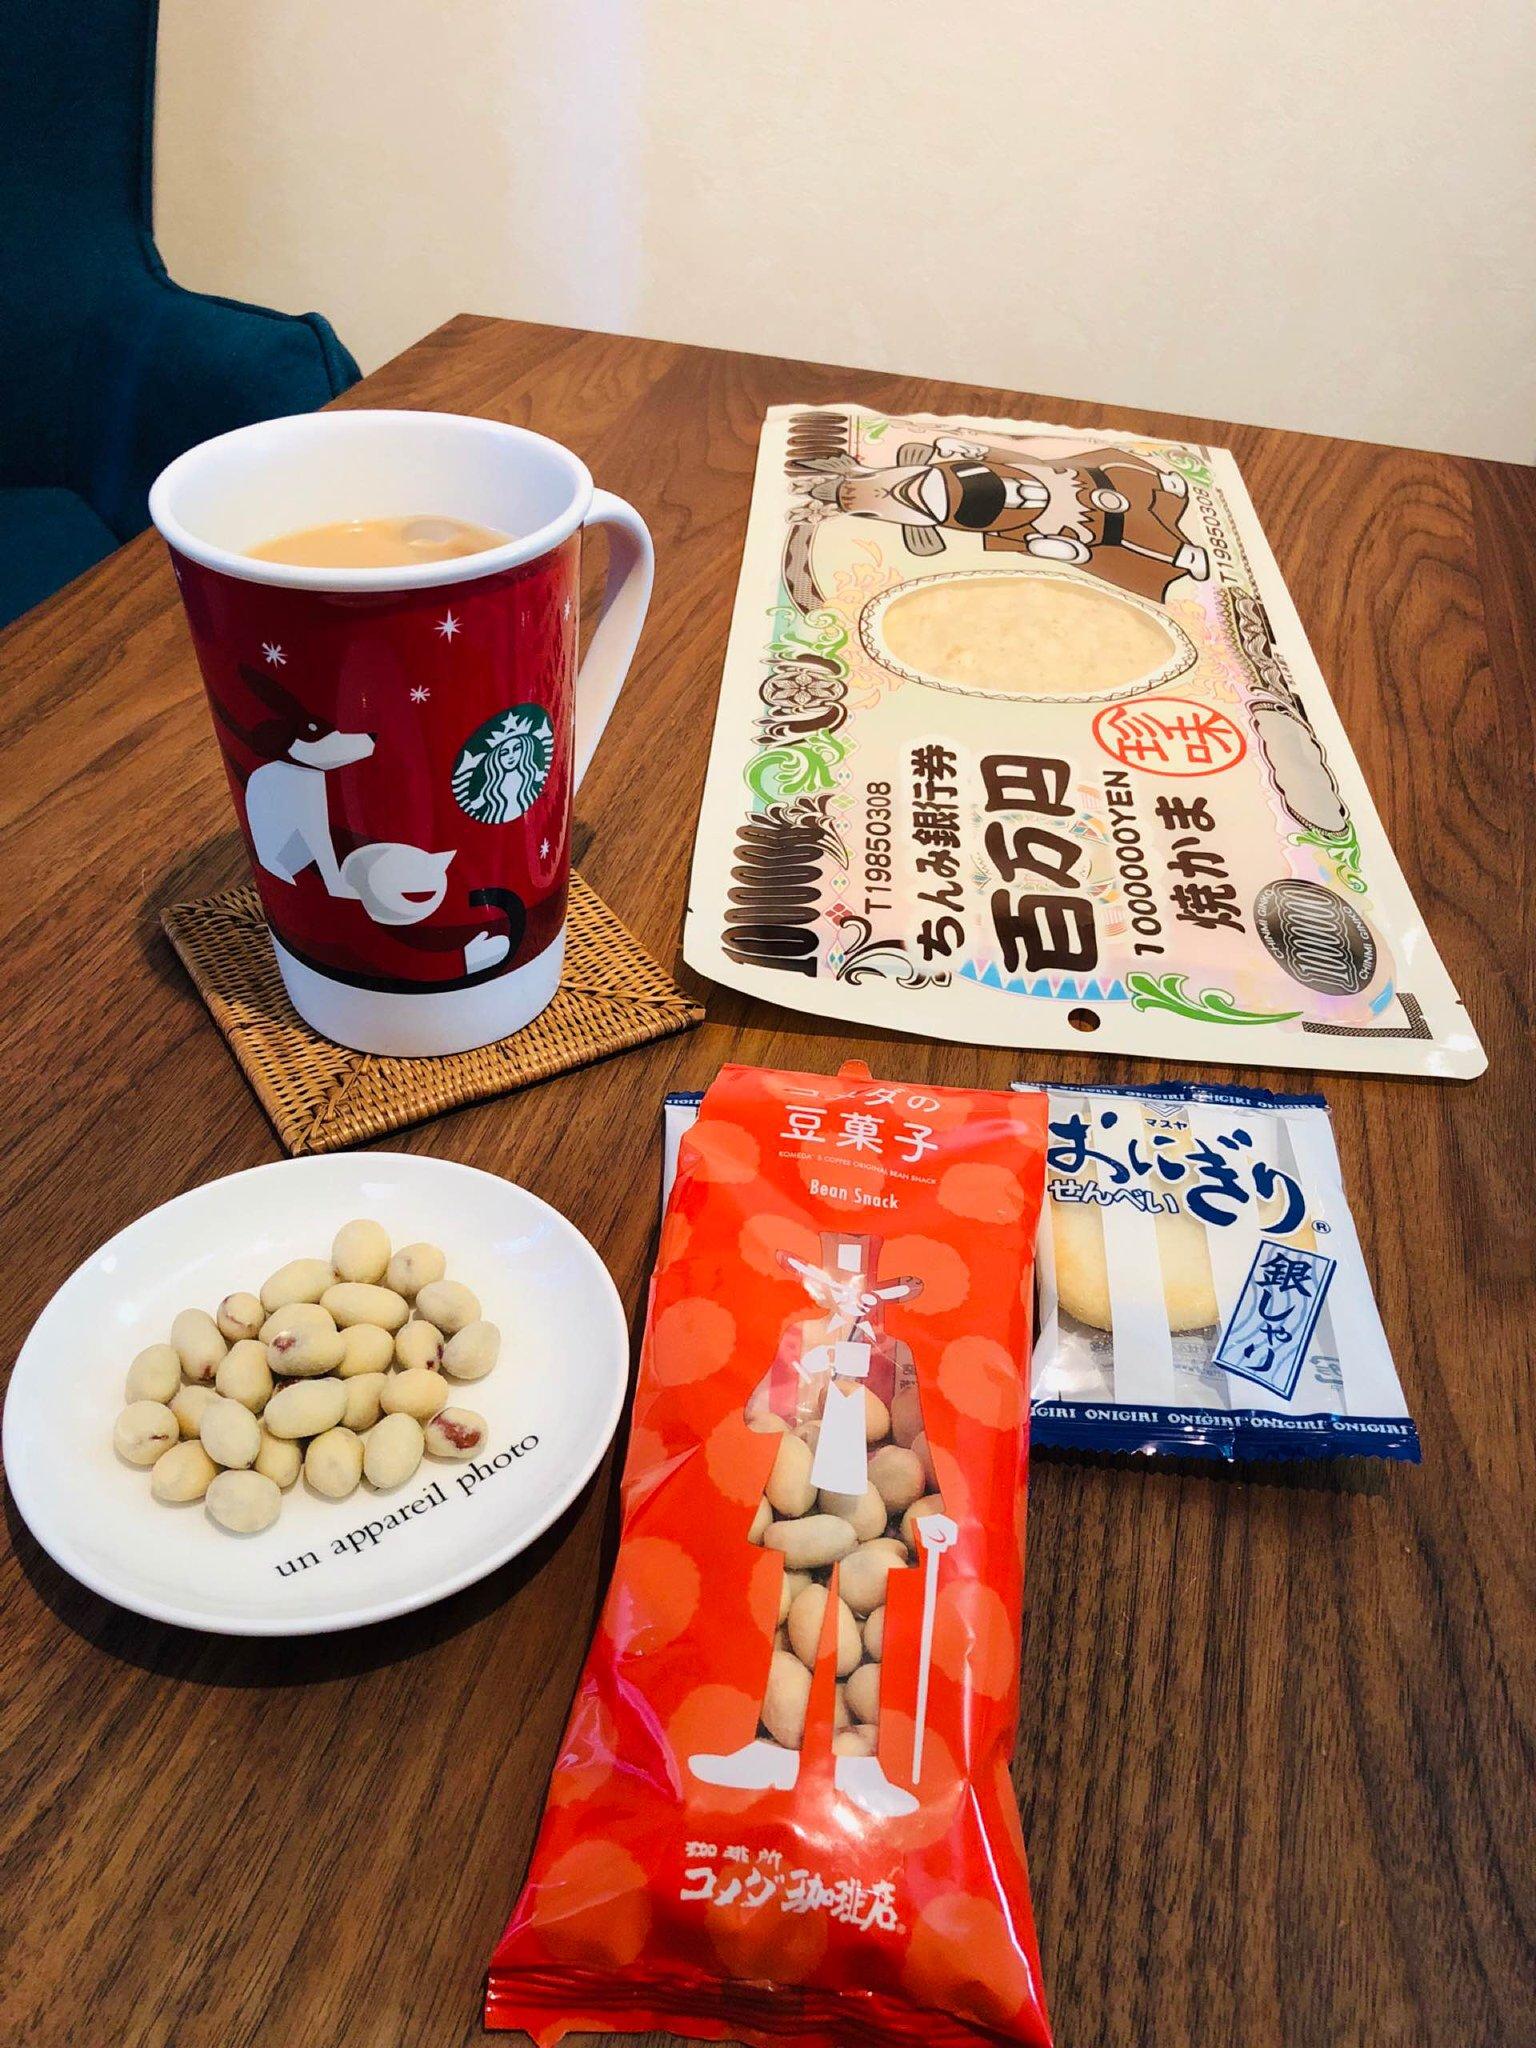 コメダの豆菓子 https://t.co/PKqmeHxgx7